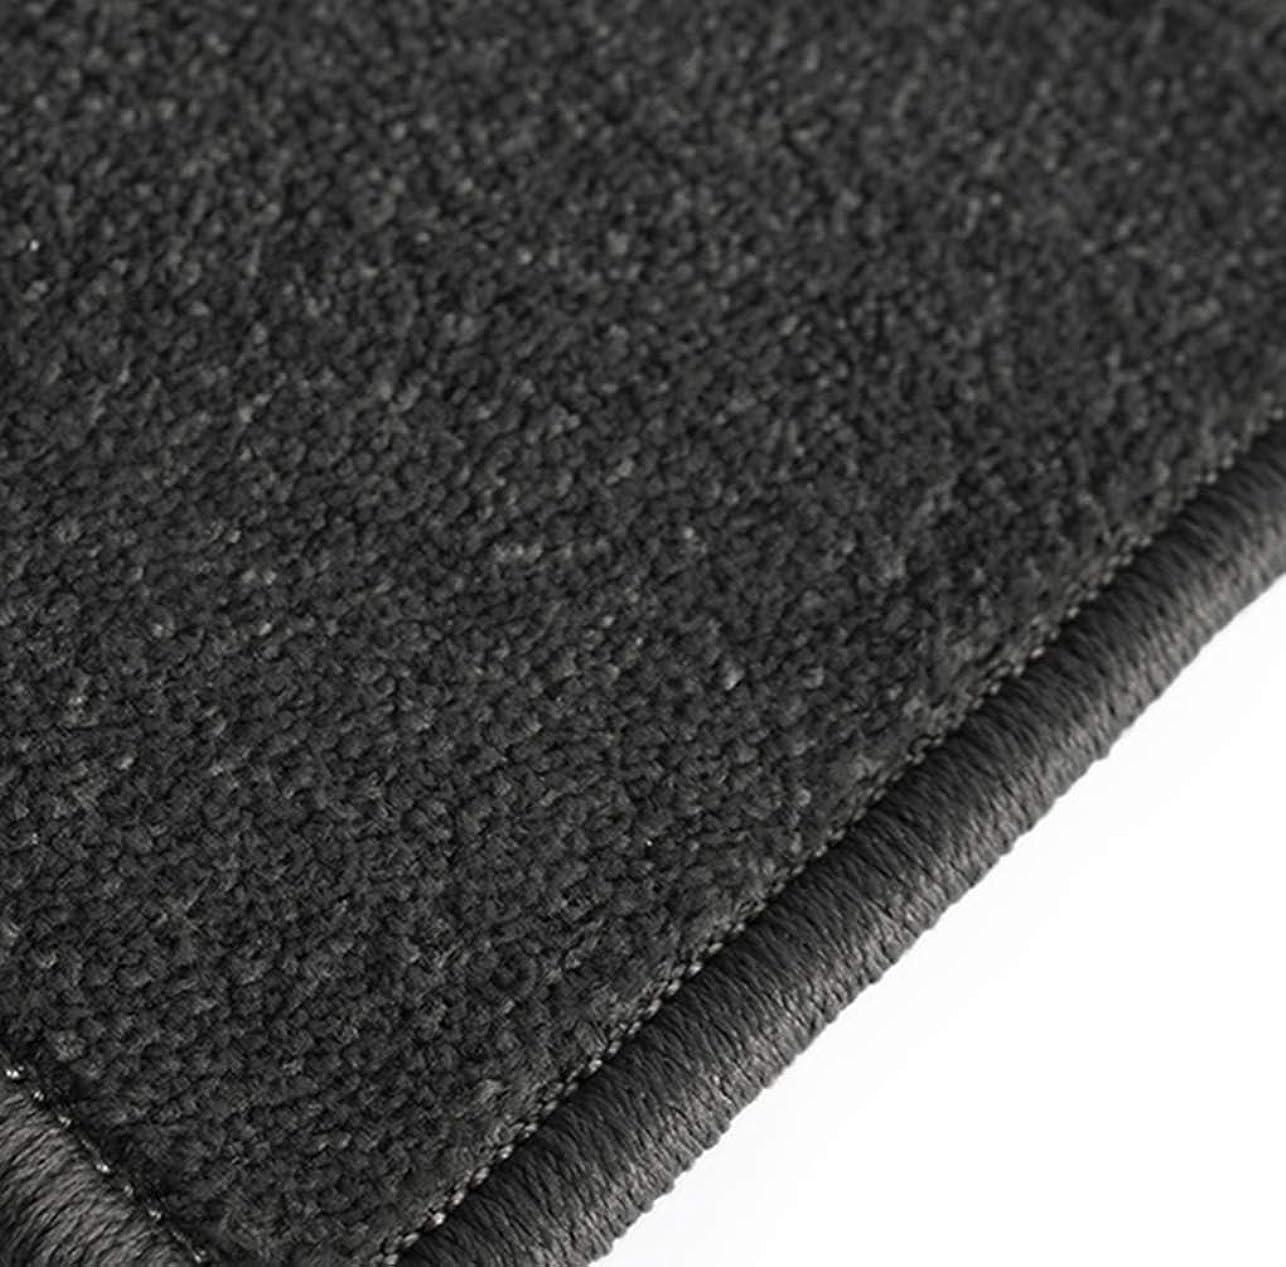 冷酷な賢い細菌ラグ 70x140cm ラグマット カーペット ブラック 夏用 無地 厚手 洗える 春夏 ダイニング リビング やわらか さらさら 滑り止め 長方形 おしゃれ モダン 北欧風 絨毯 マット センターラグ マイクロファイバー 床暖房 オシャレ ラグ